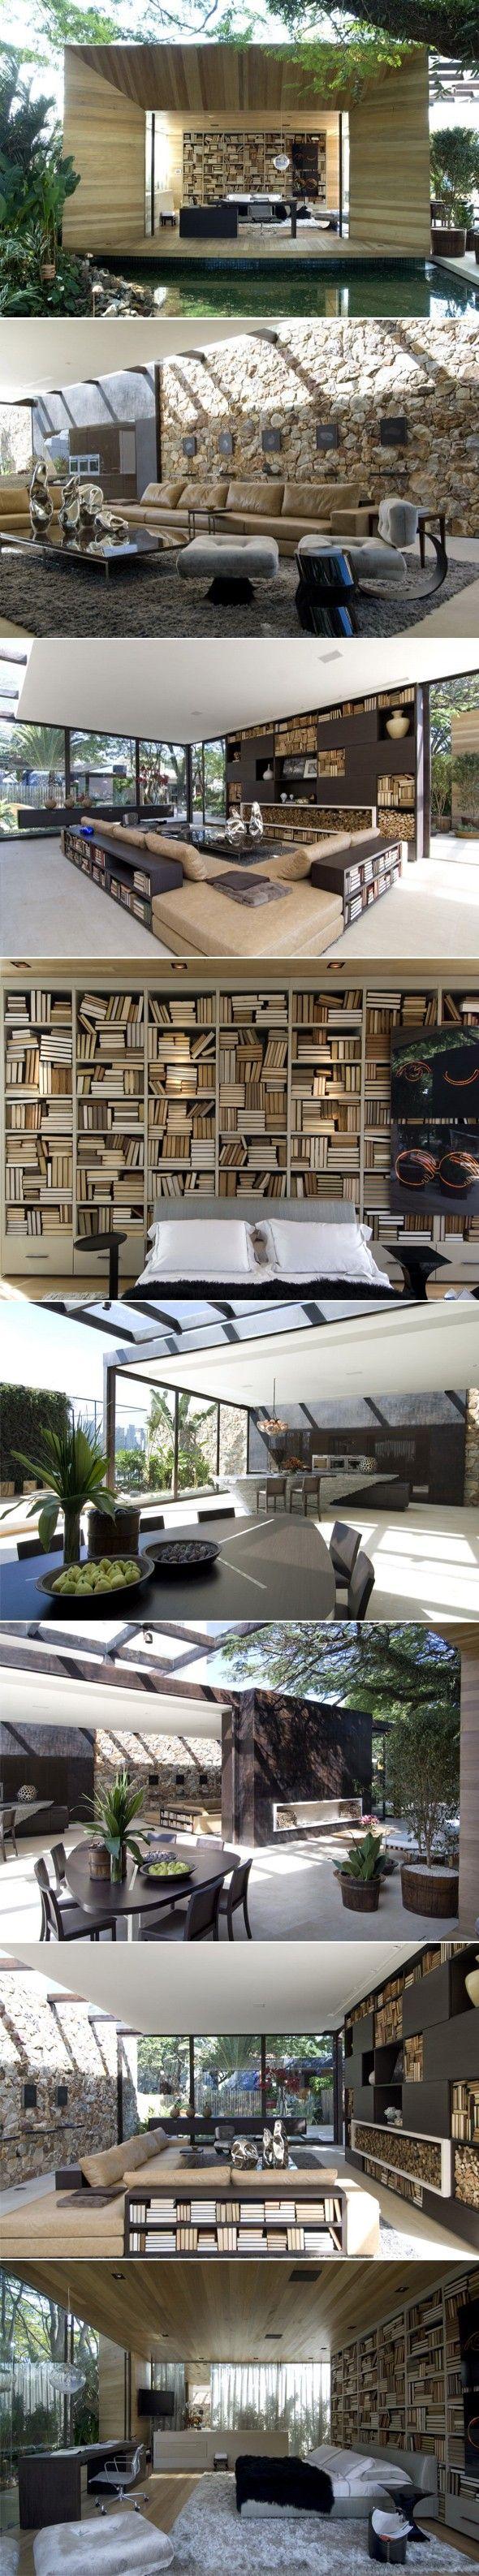 Bungalow grand luxe ouvert sur l'extérieur D'une surface de près de 250 m2, voici un parfait endroit pour s'évader de la frénésie urbaine... La nature est